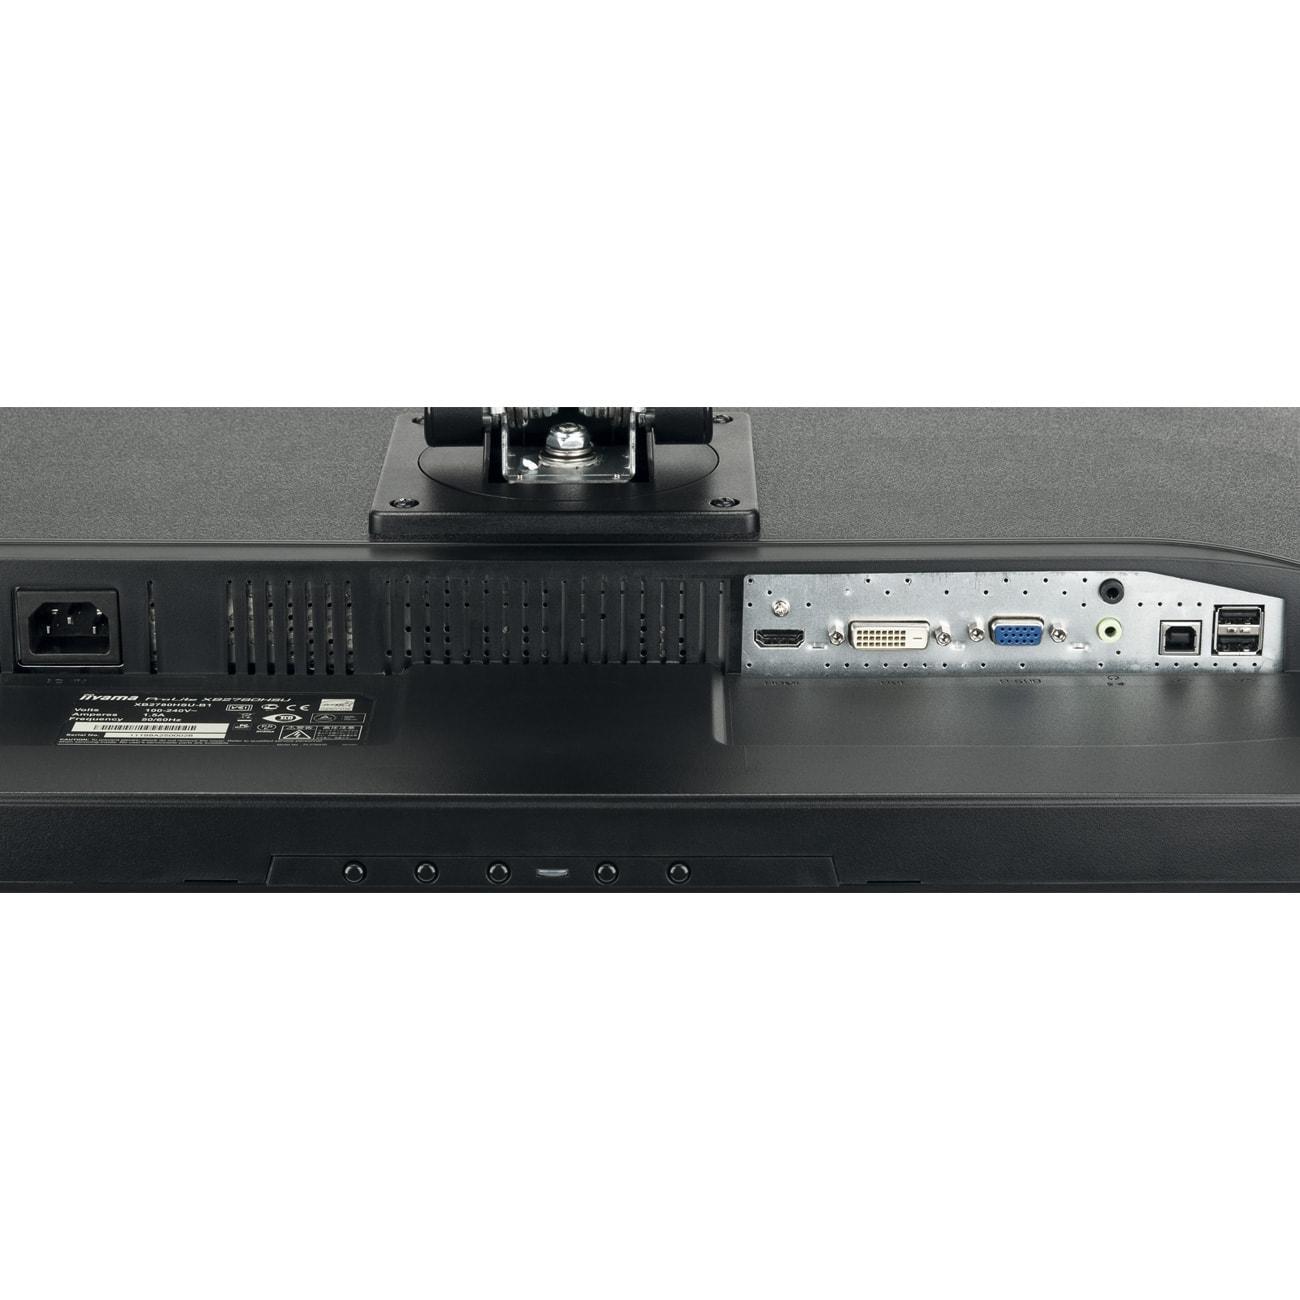 Iiyama B2780HSU-B1 (B2780HSU-B1) - Achat / Vente Ecran PC sur Cybertek.fr - 4